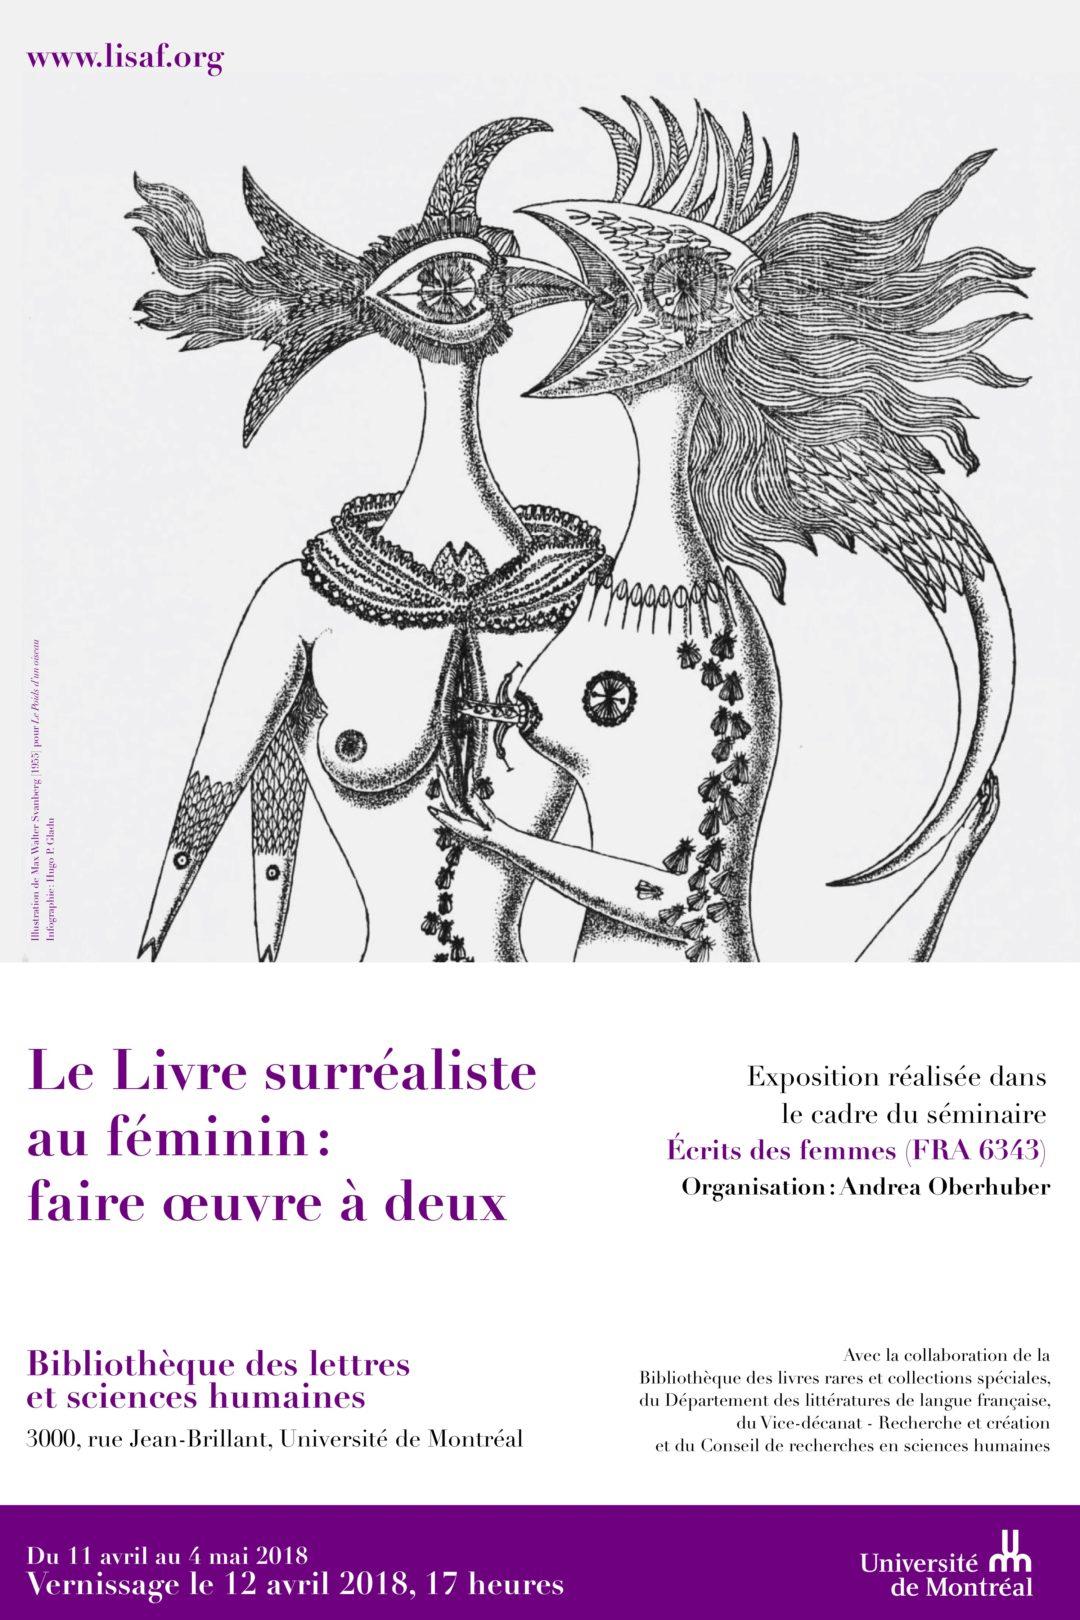 Exposition 2018 : Le Livre surréaliste au féminin: faire œuvre à deux